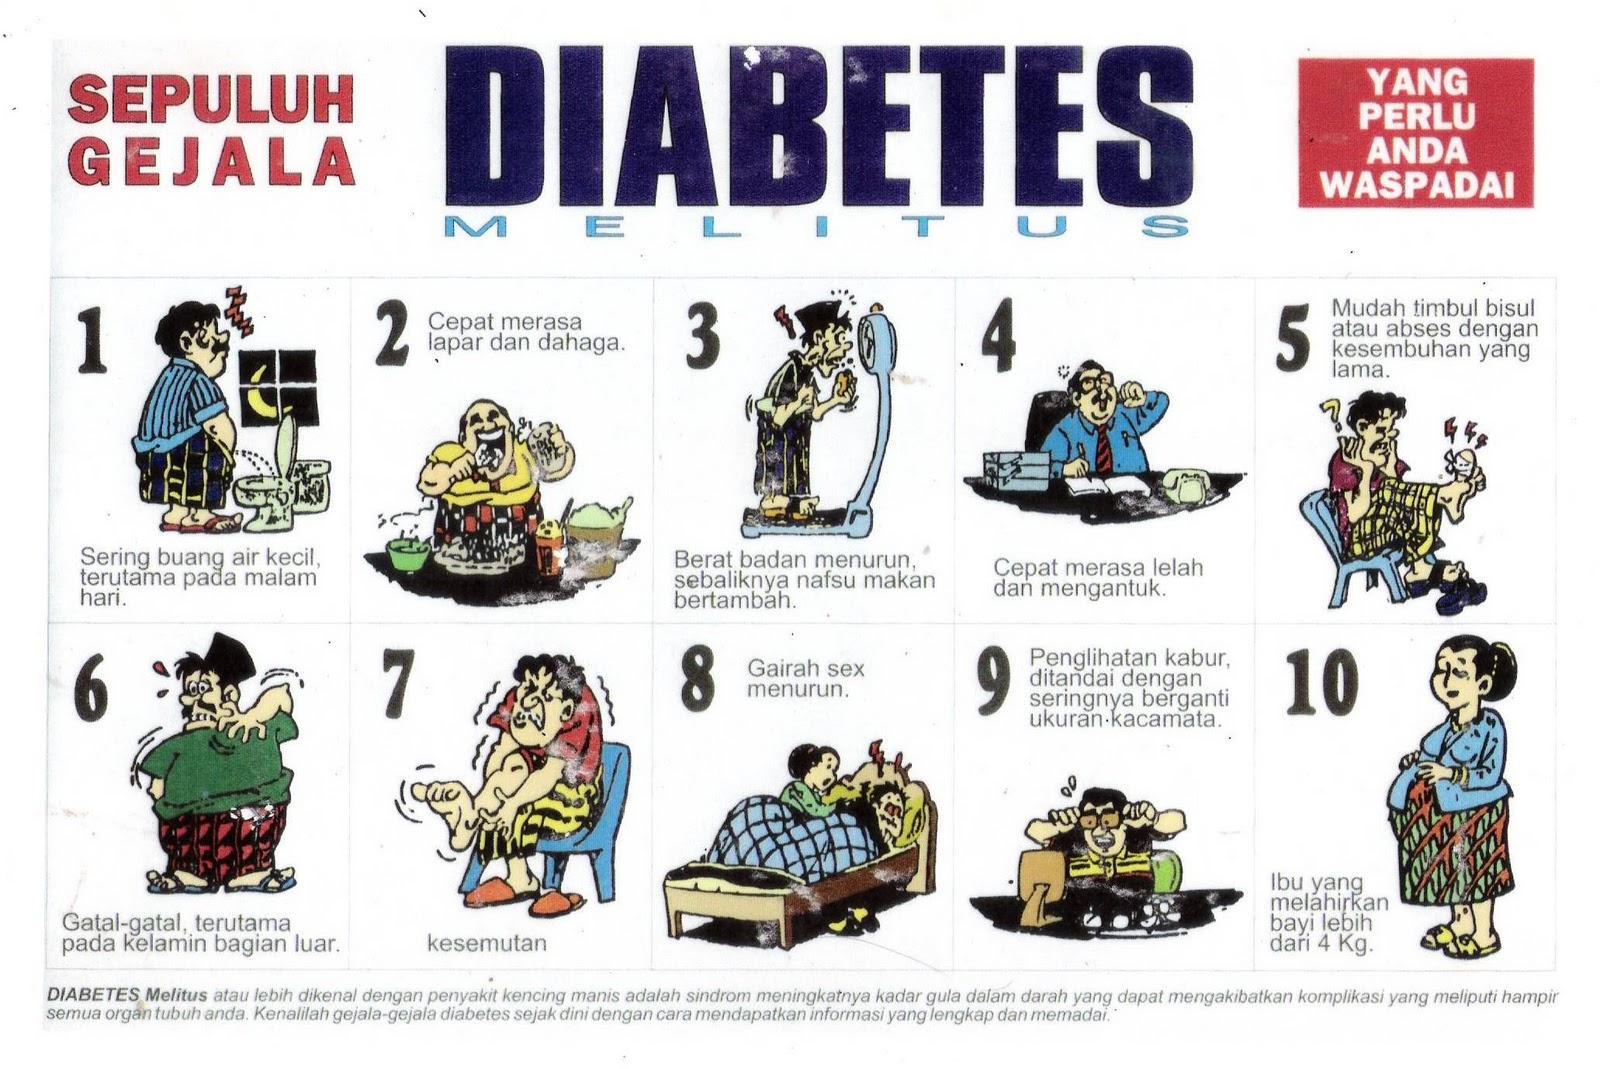 Apakah Obesitas Memang Salah Satu Penyebab Terjadinya Diabetes?